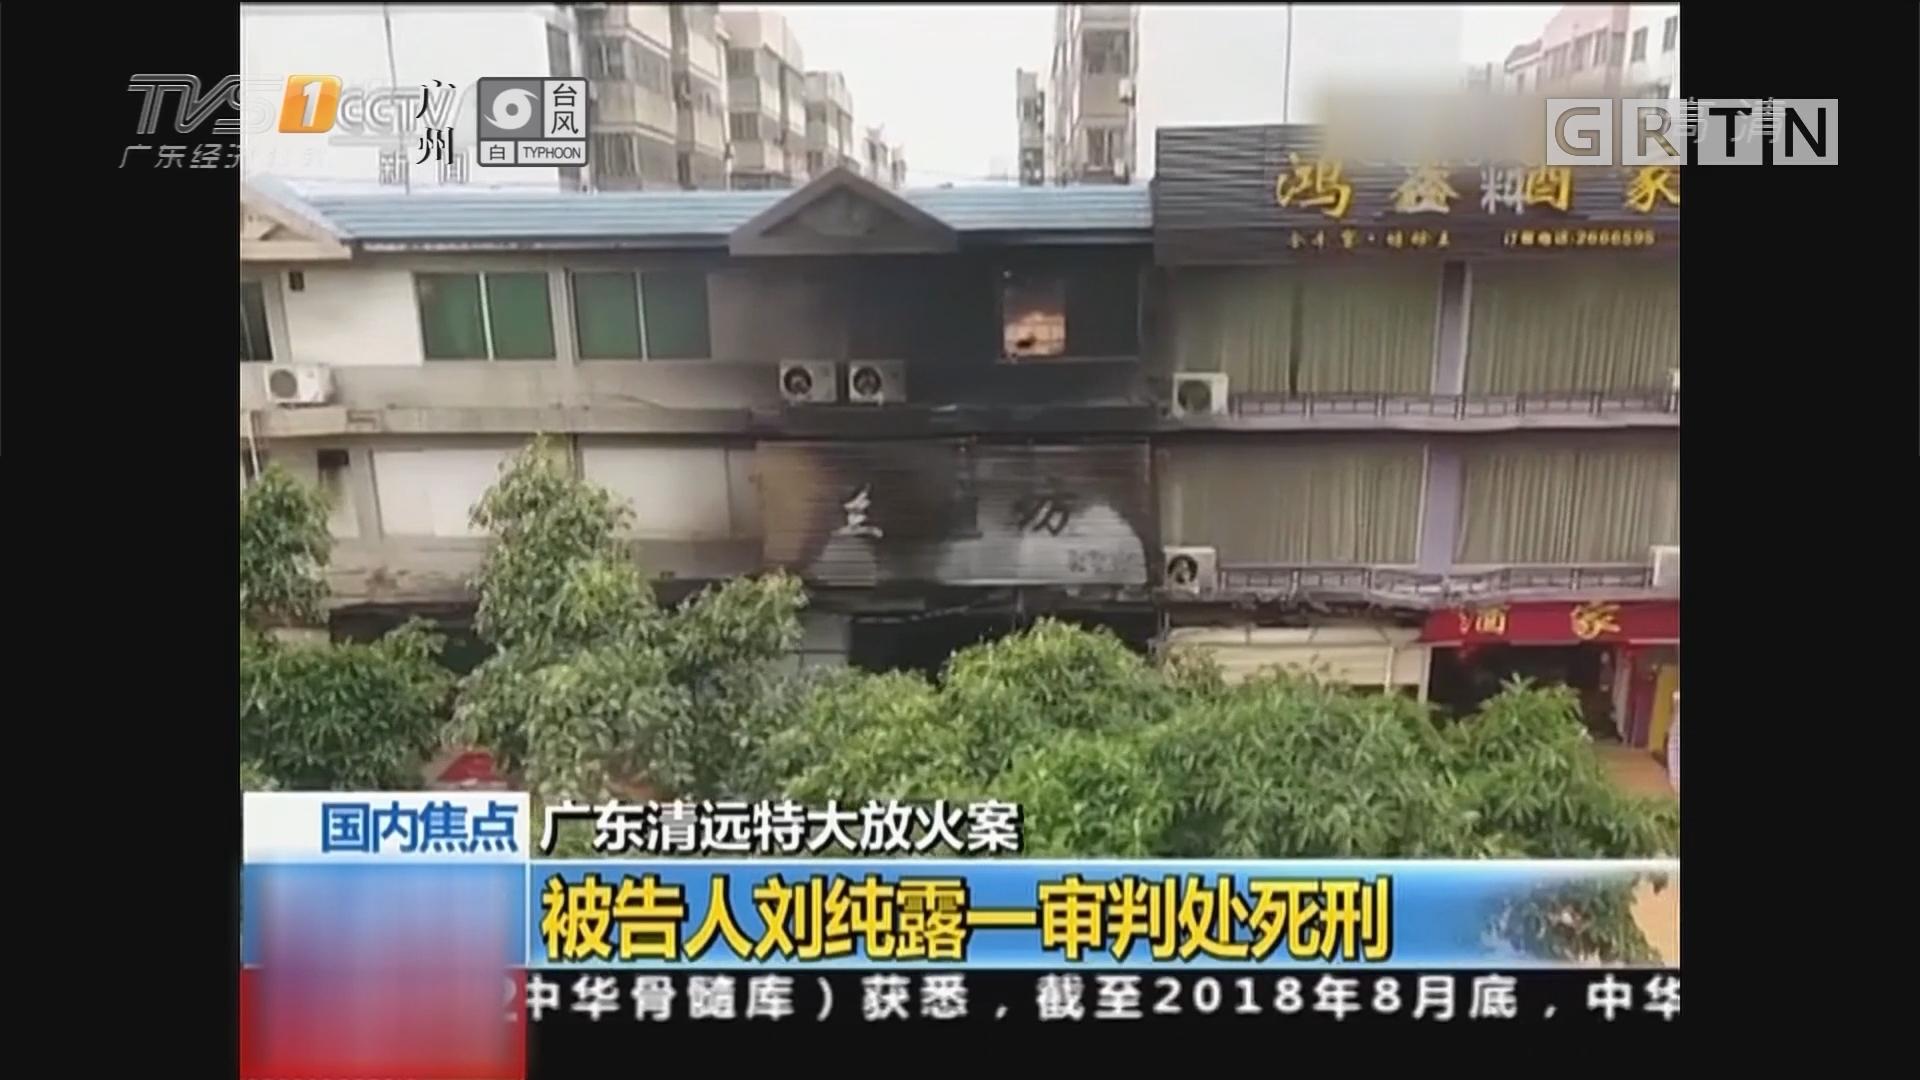 广东清远特大放火案:被告人刘纯露一审判处死刑